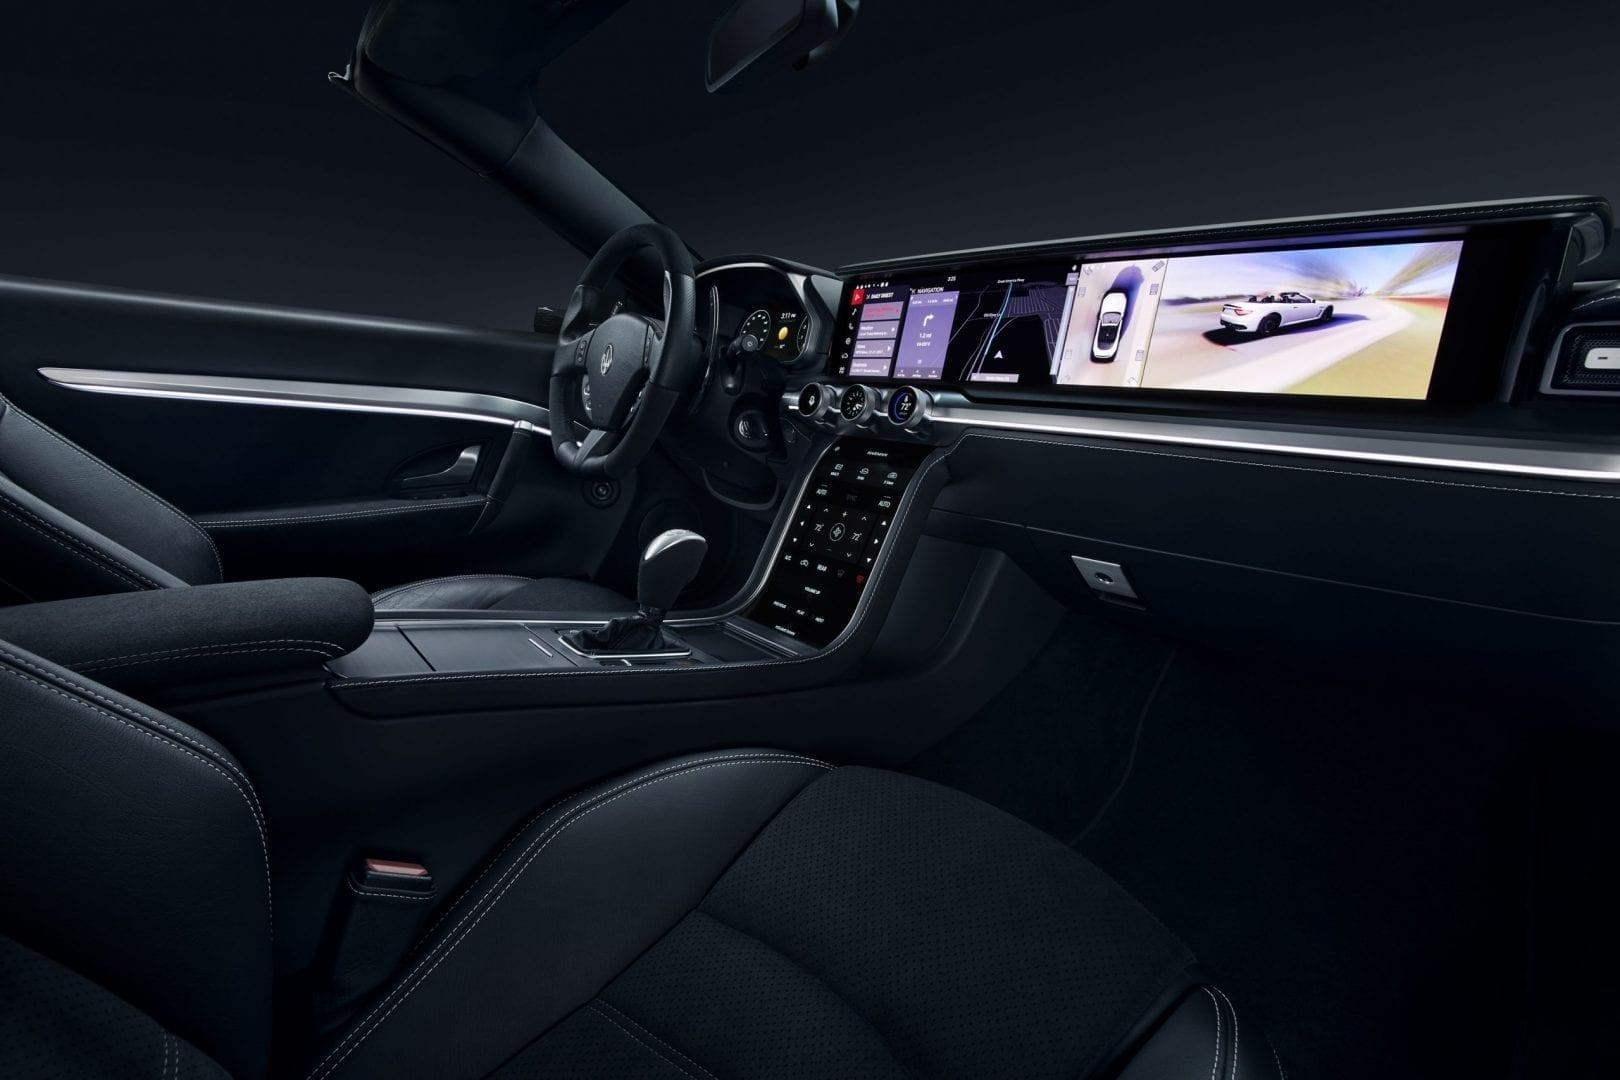 Ψηφιακό κόκπιτ αυτοκινήτων του Μέλλοντος